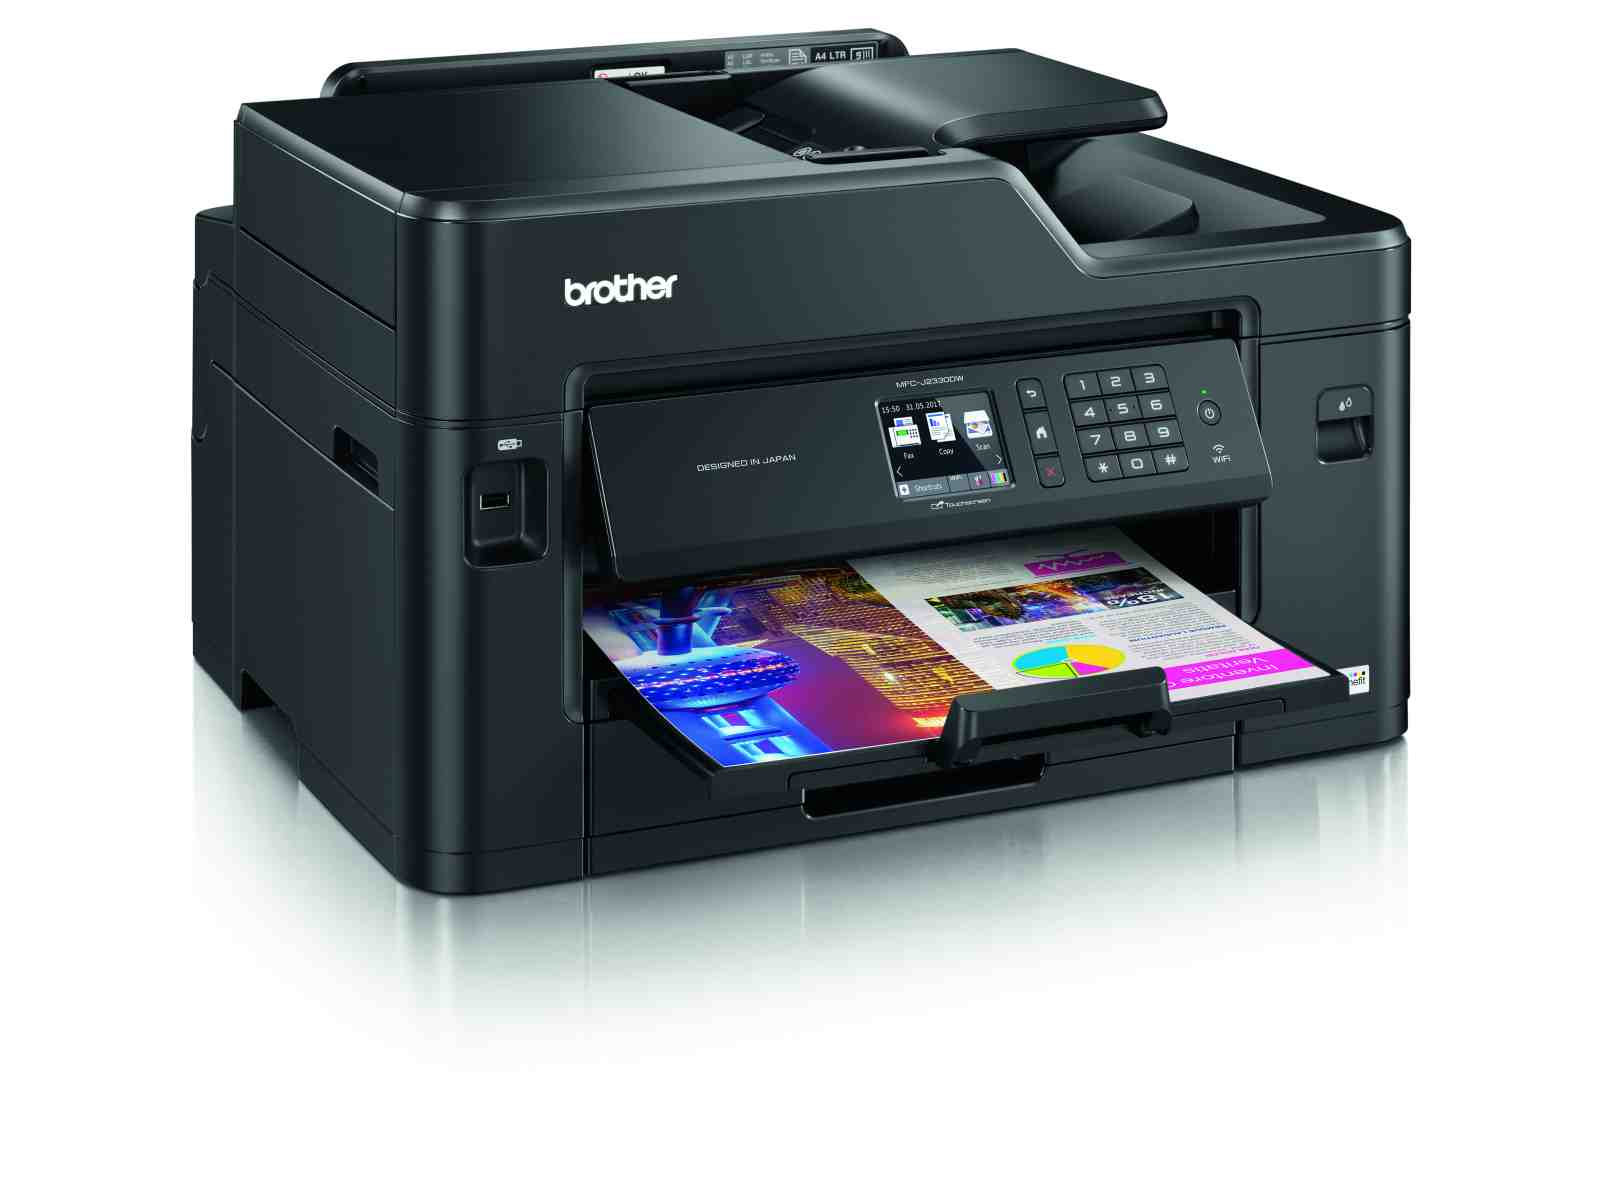 BROTHER multifunkce inkoustová MFC-J2330DW - A3, A4 sken, 22ppm, 128MB, 1200x4800, USB, LAN, WiFi, dup A4, 50ADF